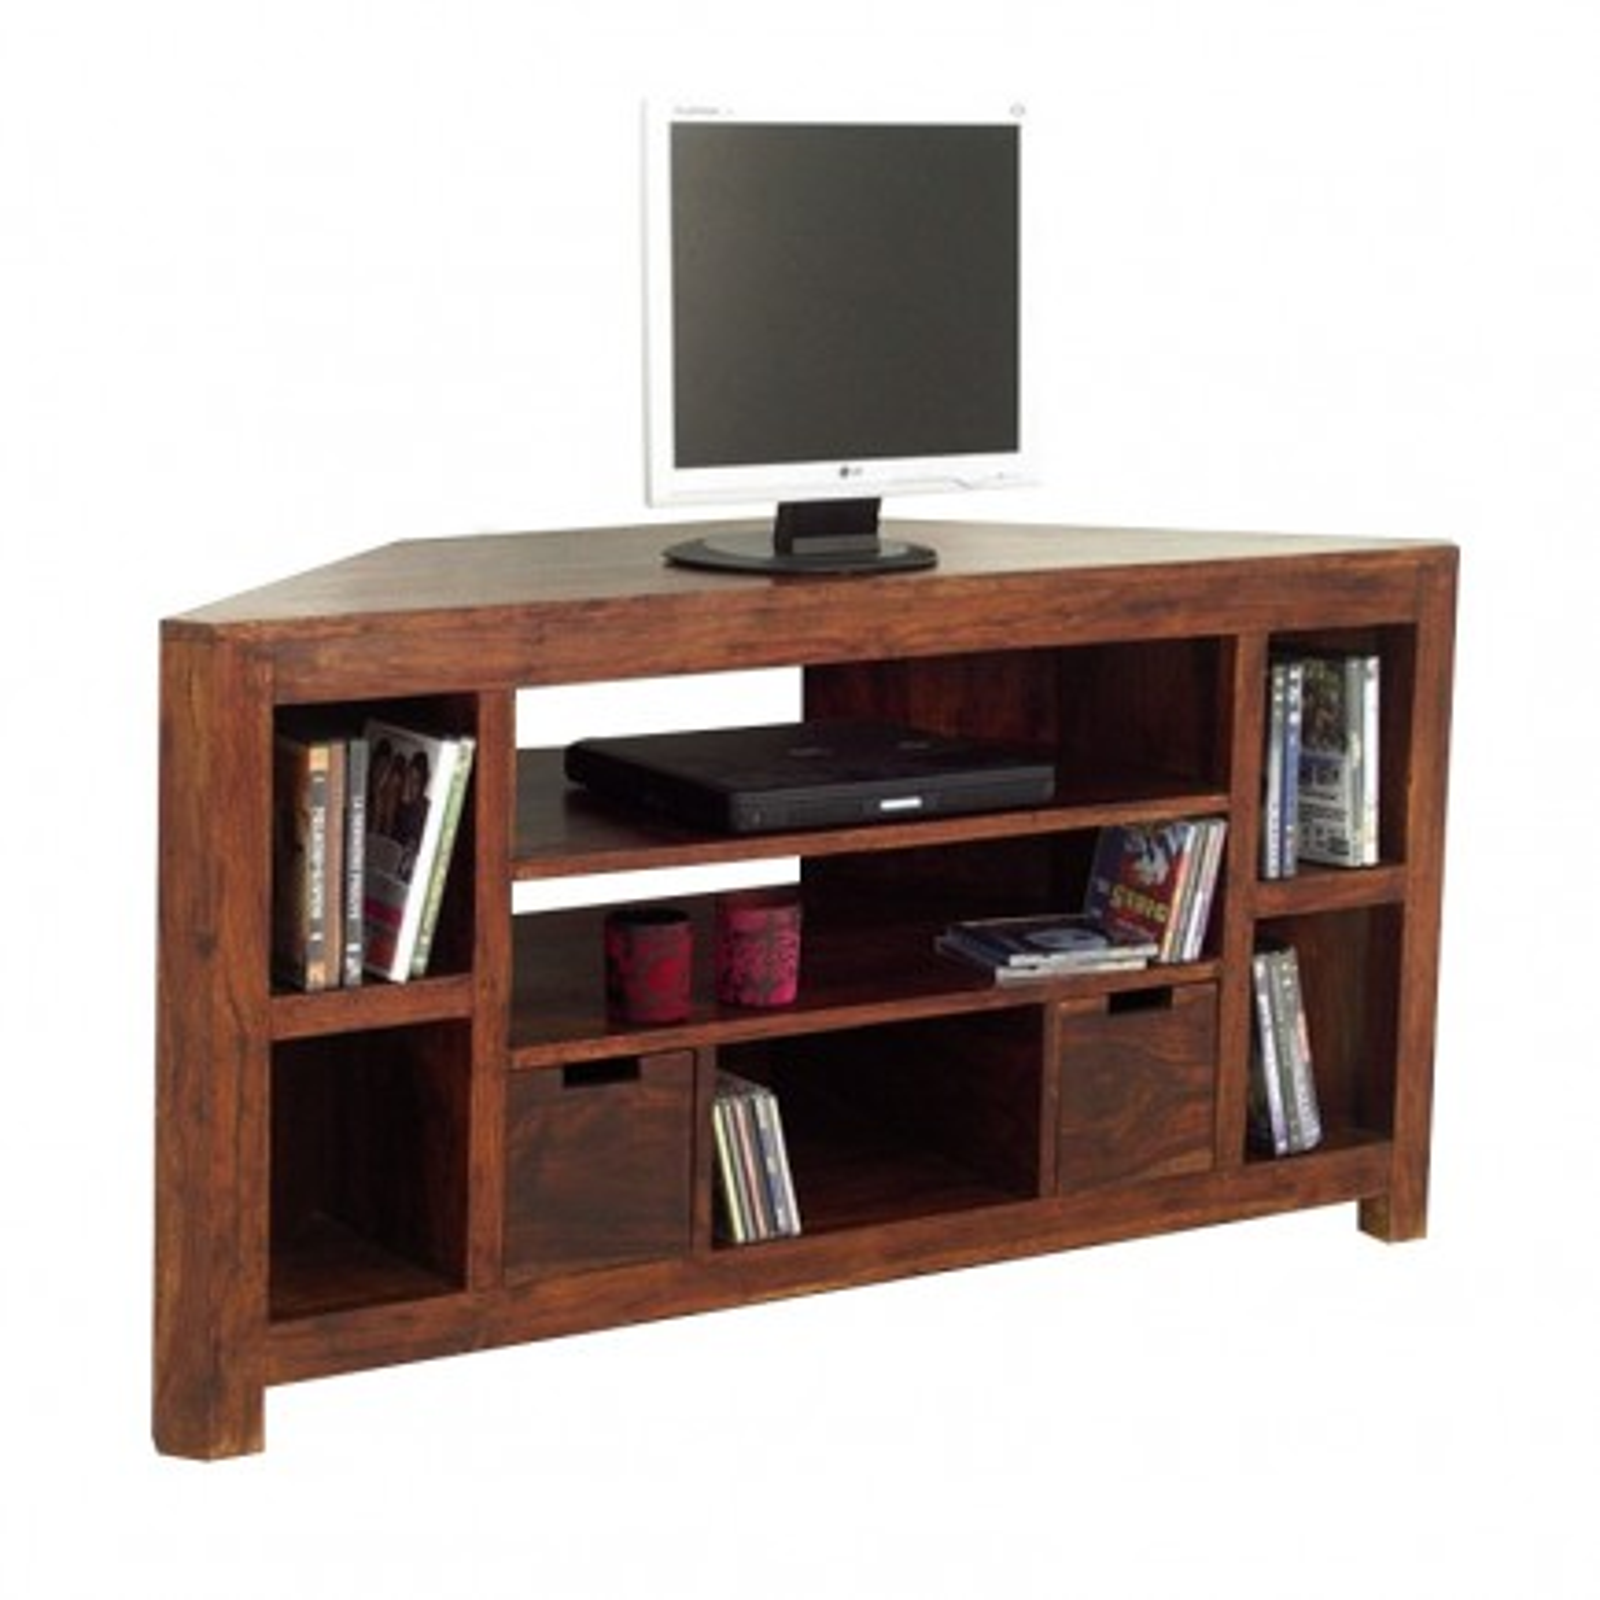 Meuble Tv d'Angle Tiroirs Palissandre Zen - meubles bois exotique